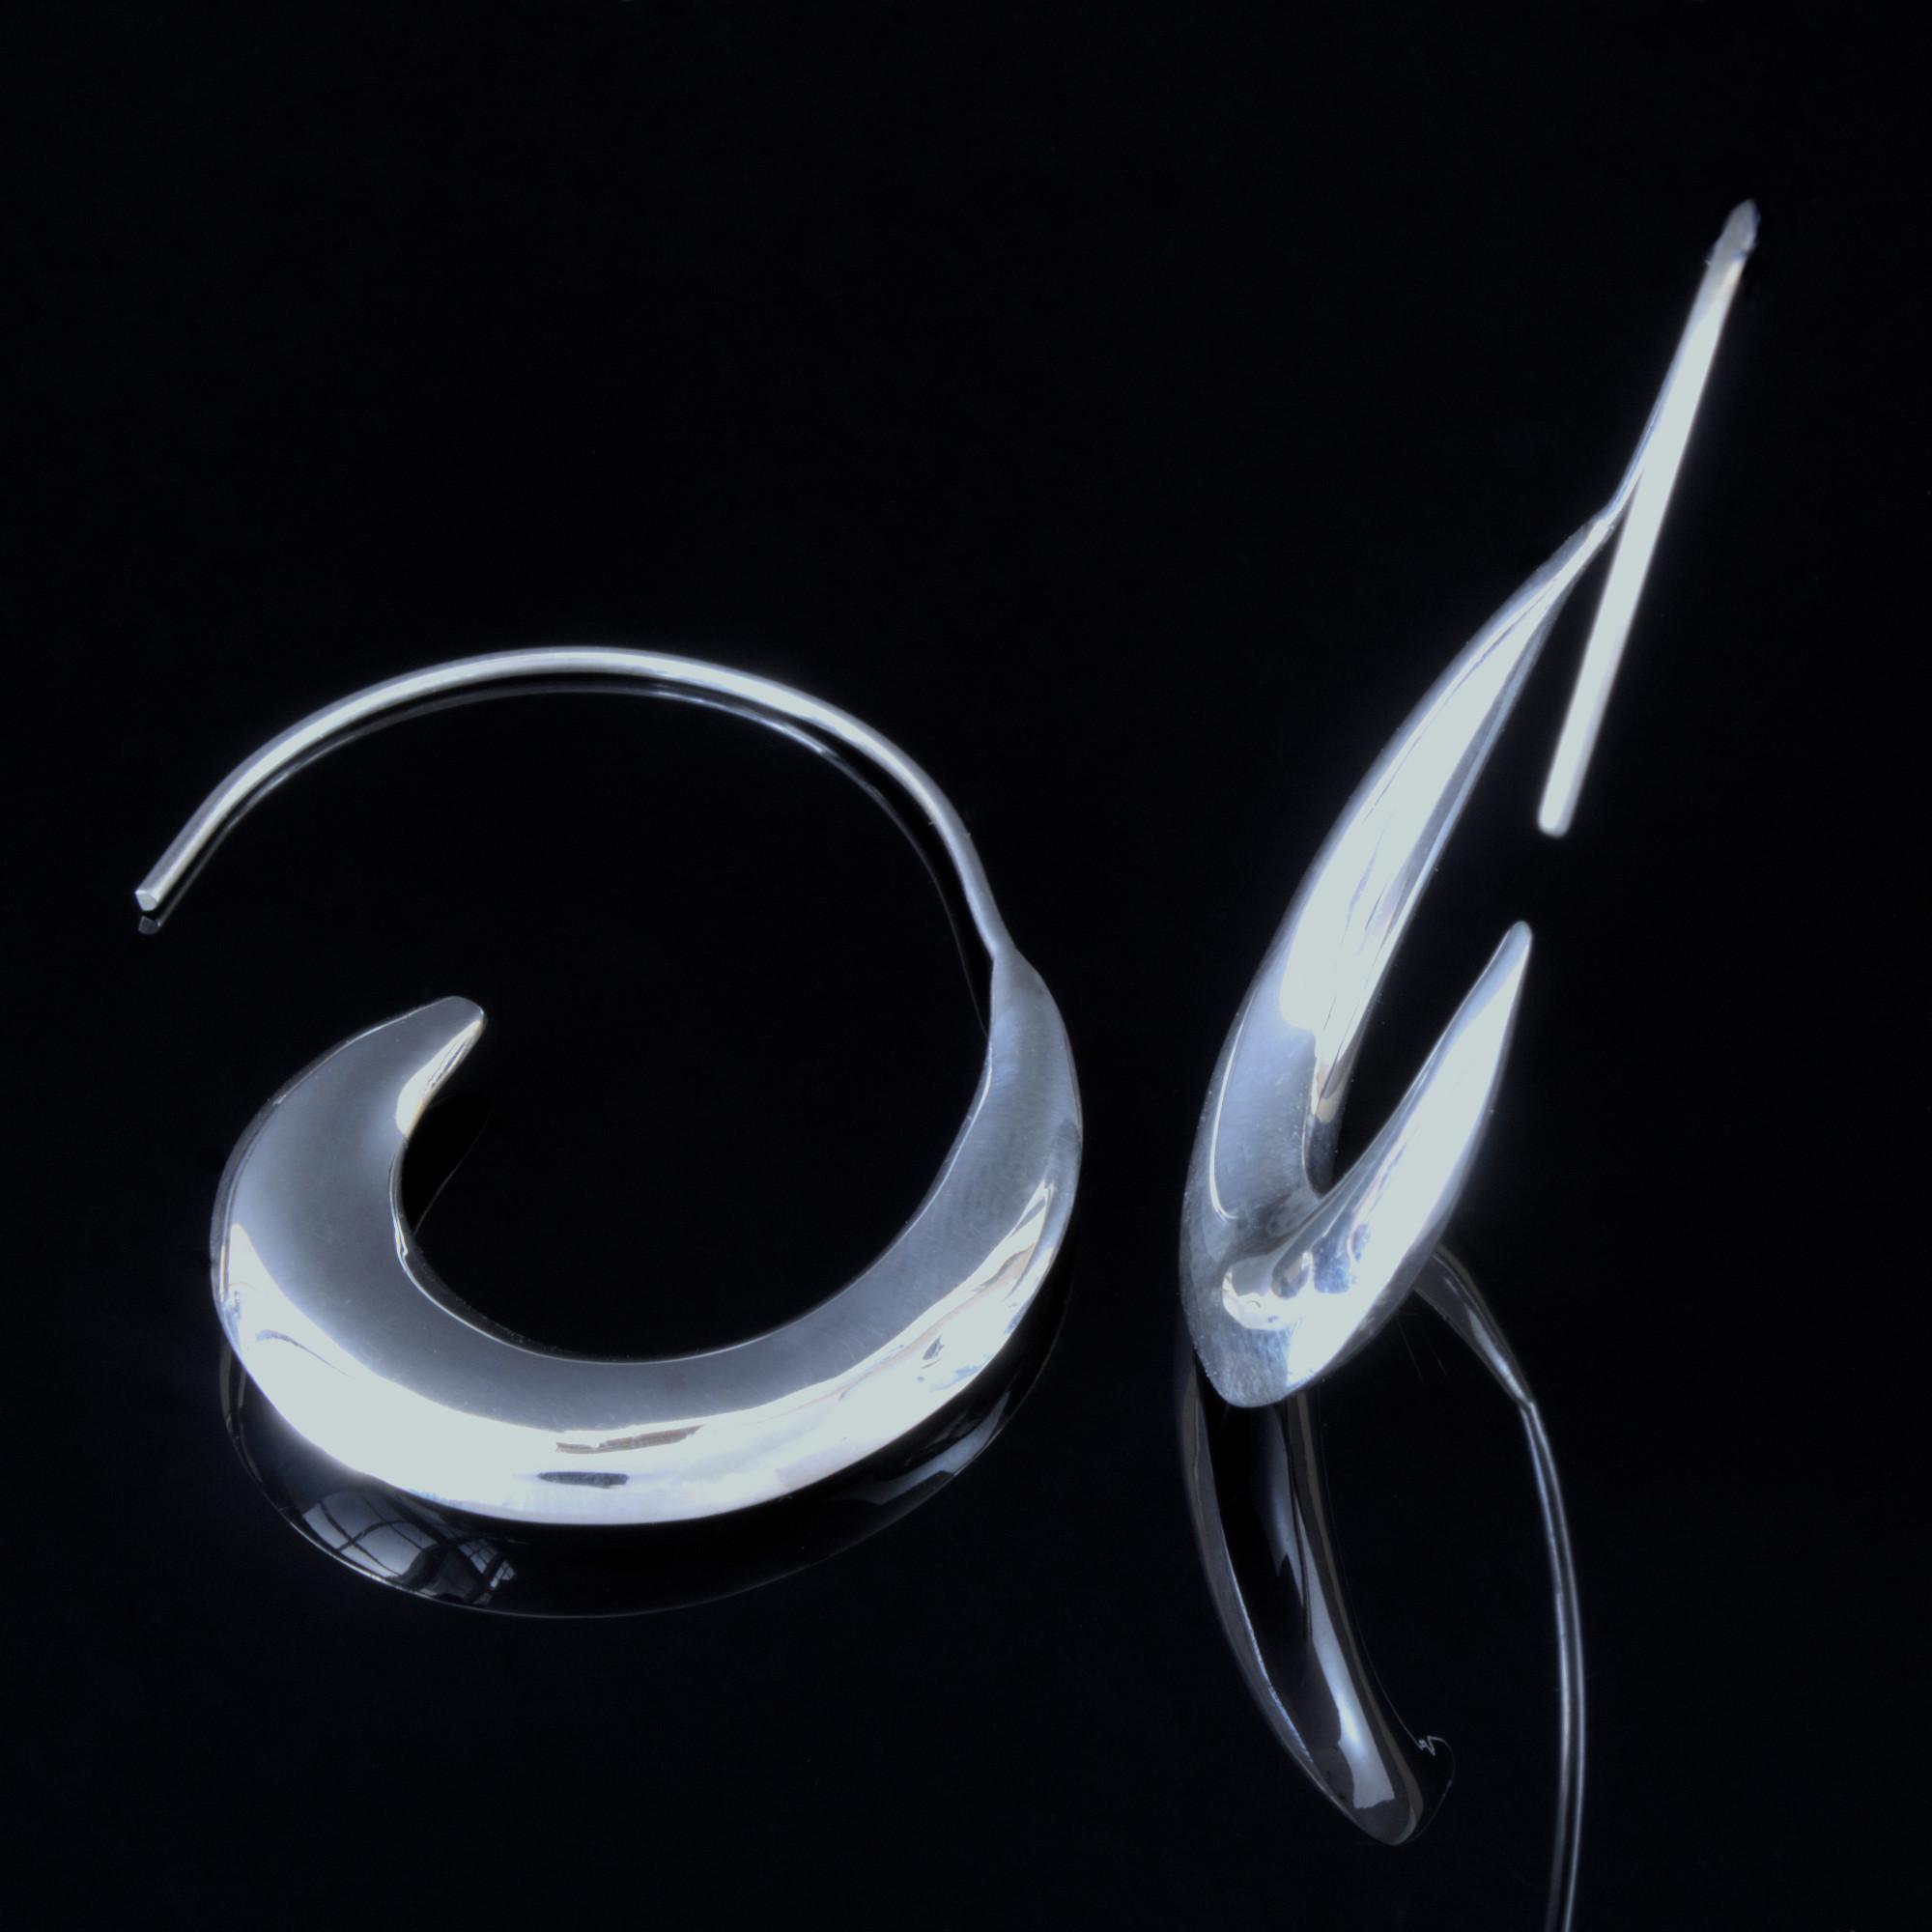 Måne: Örhängen med måne form. de är glansiga och gjorda av sterling silver.